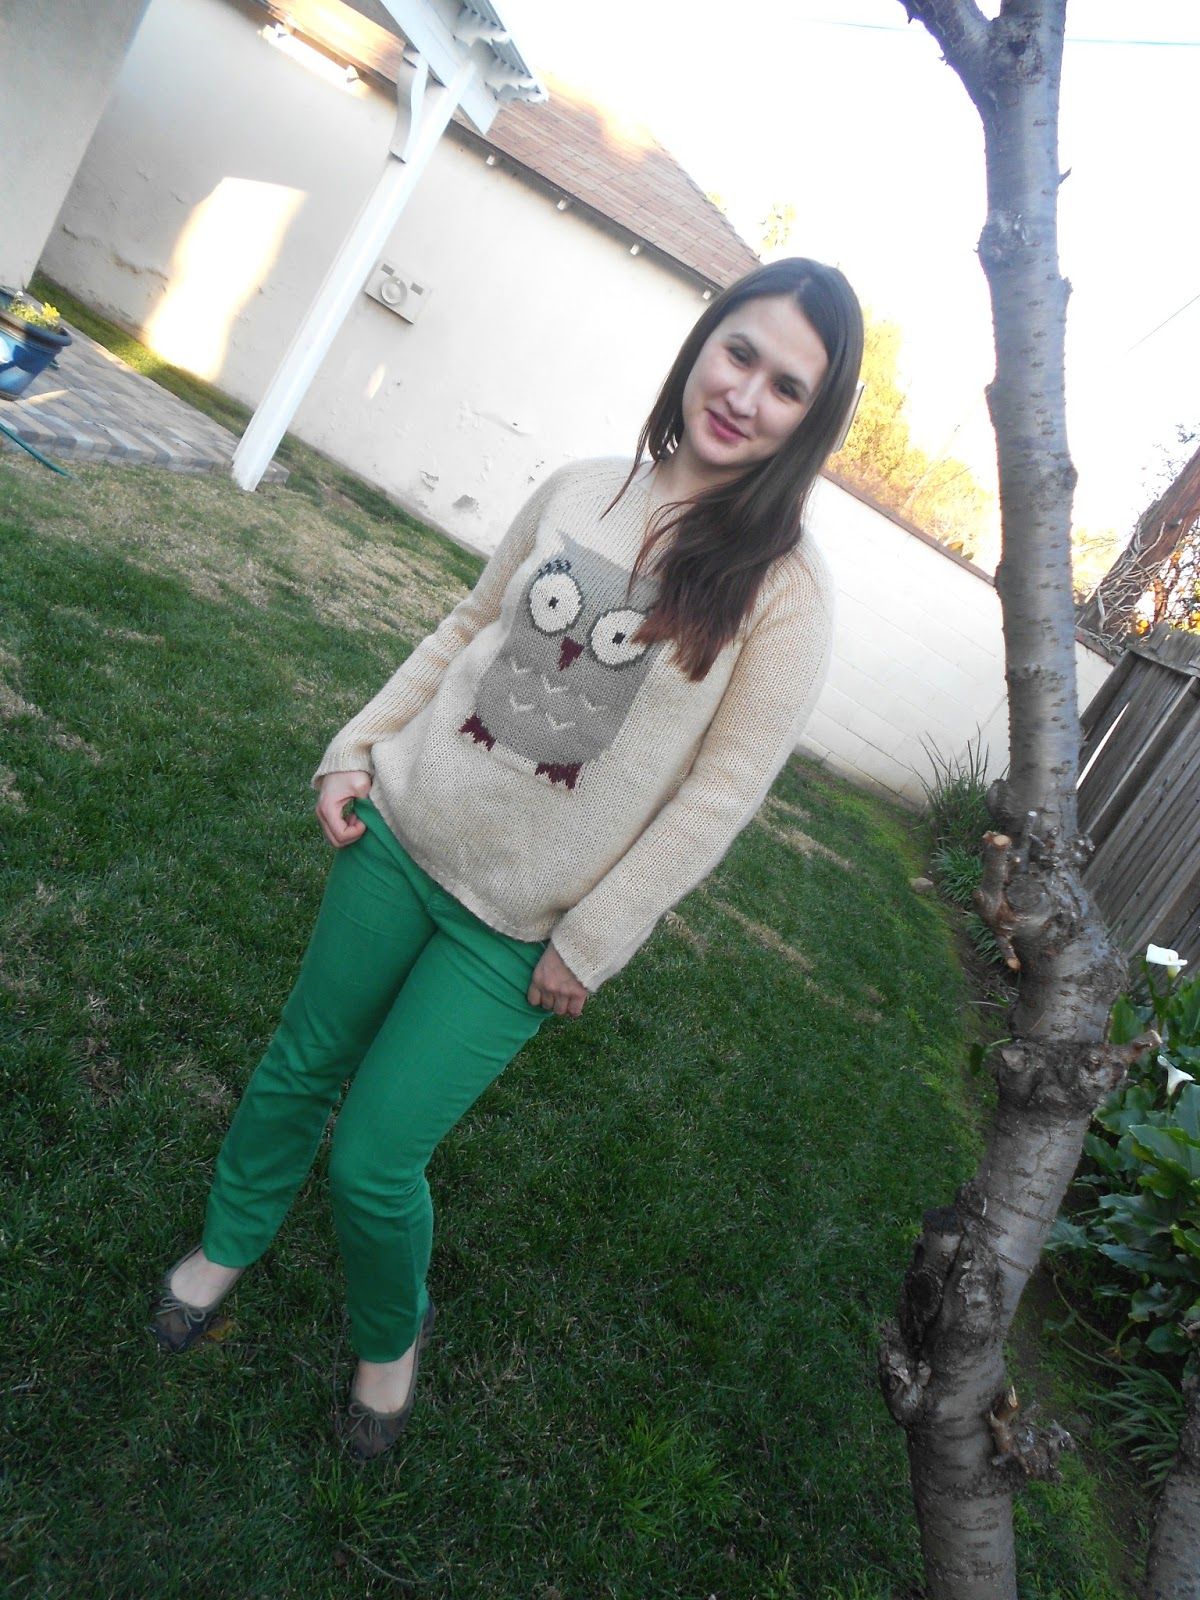 http://2.bp.blogspot.com/-PPozMgnnu-I/USfLmdzRYzI/AAAAAAAADcs/0btqz4oL8AU/s1600/c_owl_sweater_urban_outfitters_jeans.JPG